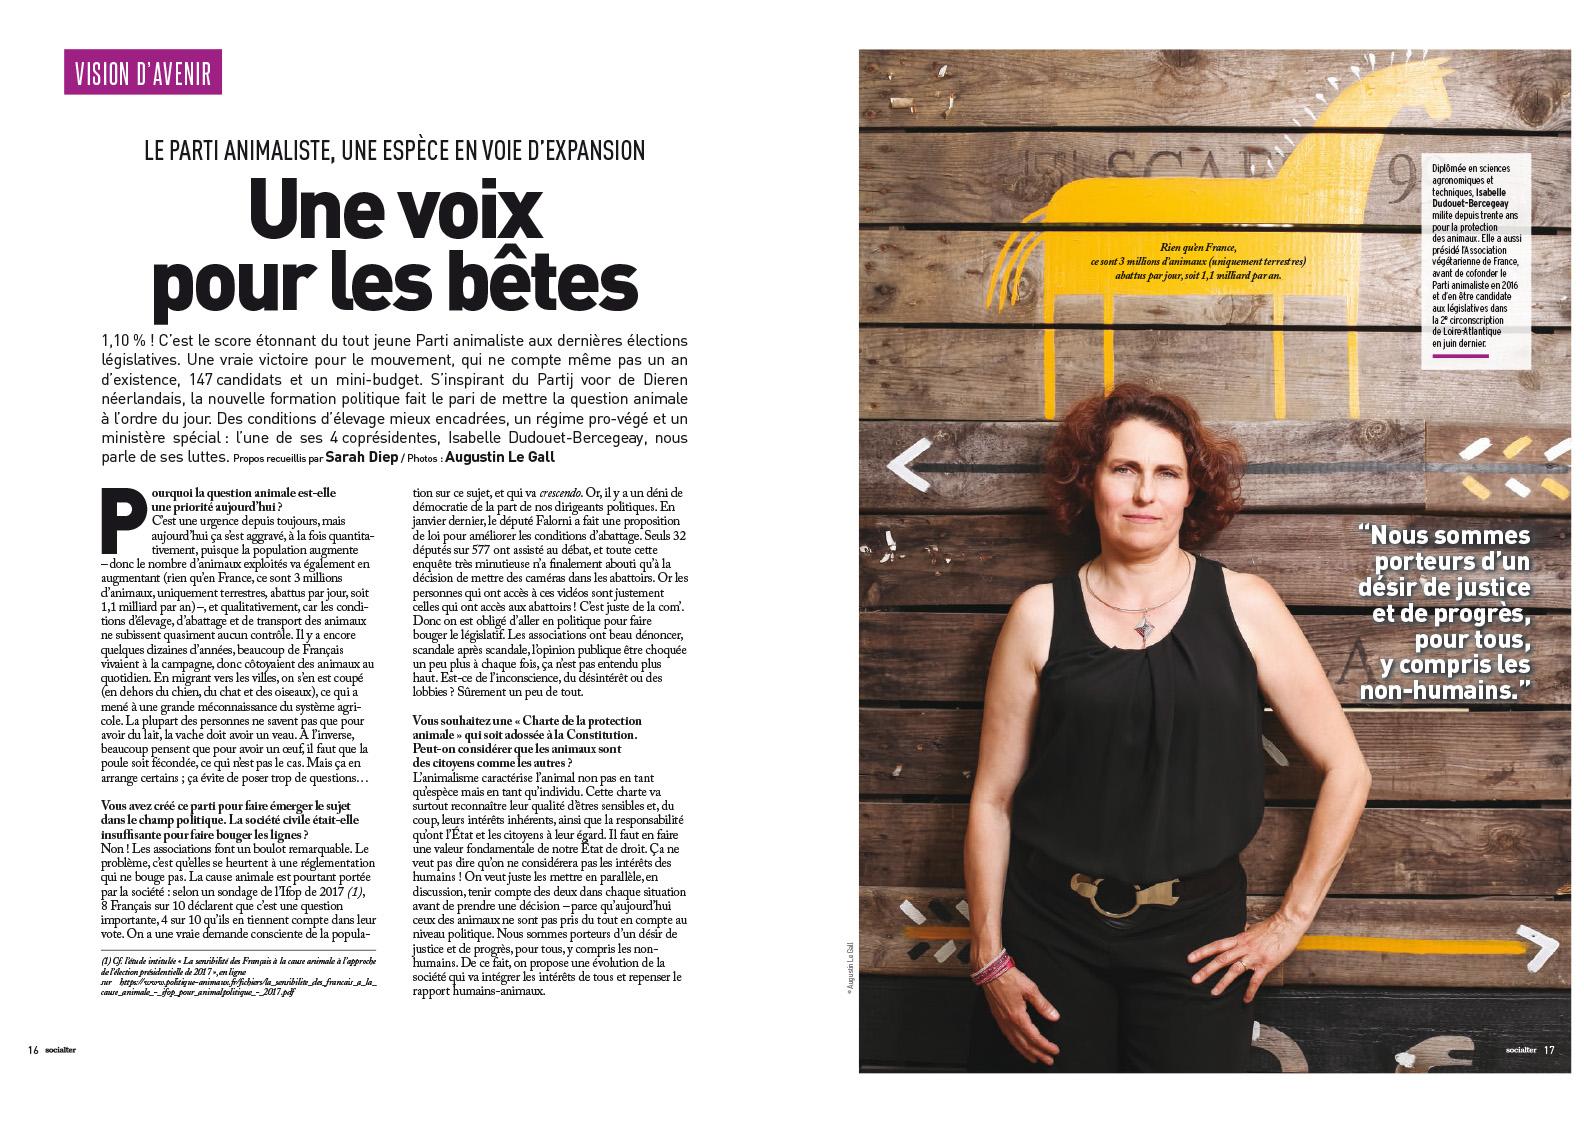 Portrait de Isabelle Dudouet-Bercegeay,, co-présidente du parti animaliste. Pour Socialter. Nantes. Août 2017. / Portrait of Isabelle Dudouet-Bercegeay, co-leader of the animal rights party . Nantes. July 2017. For Socialter magazine.